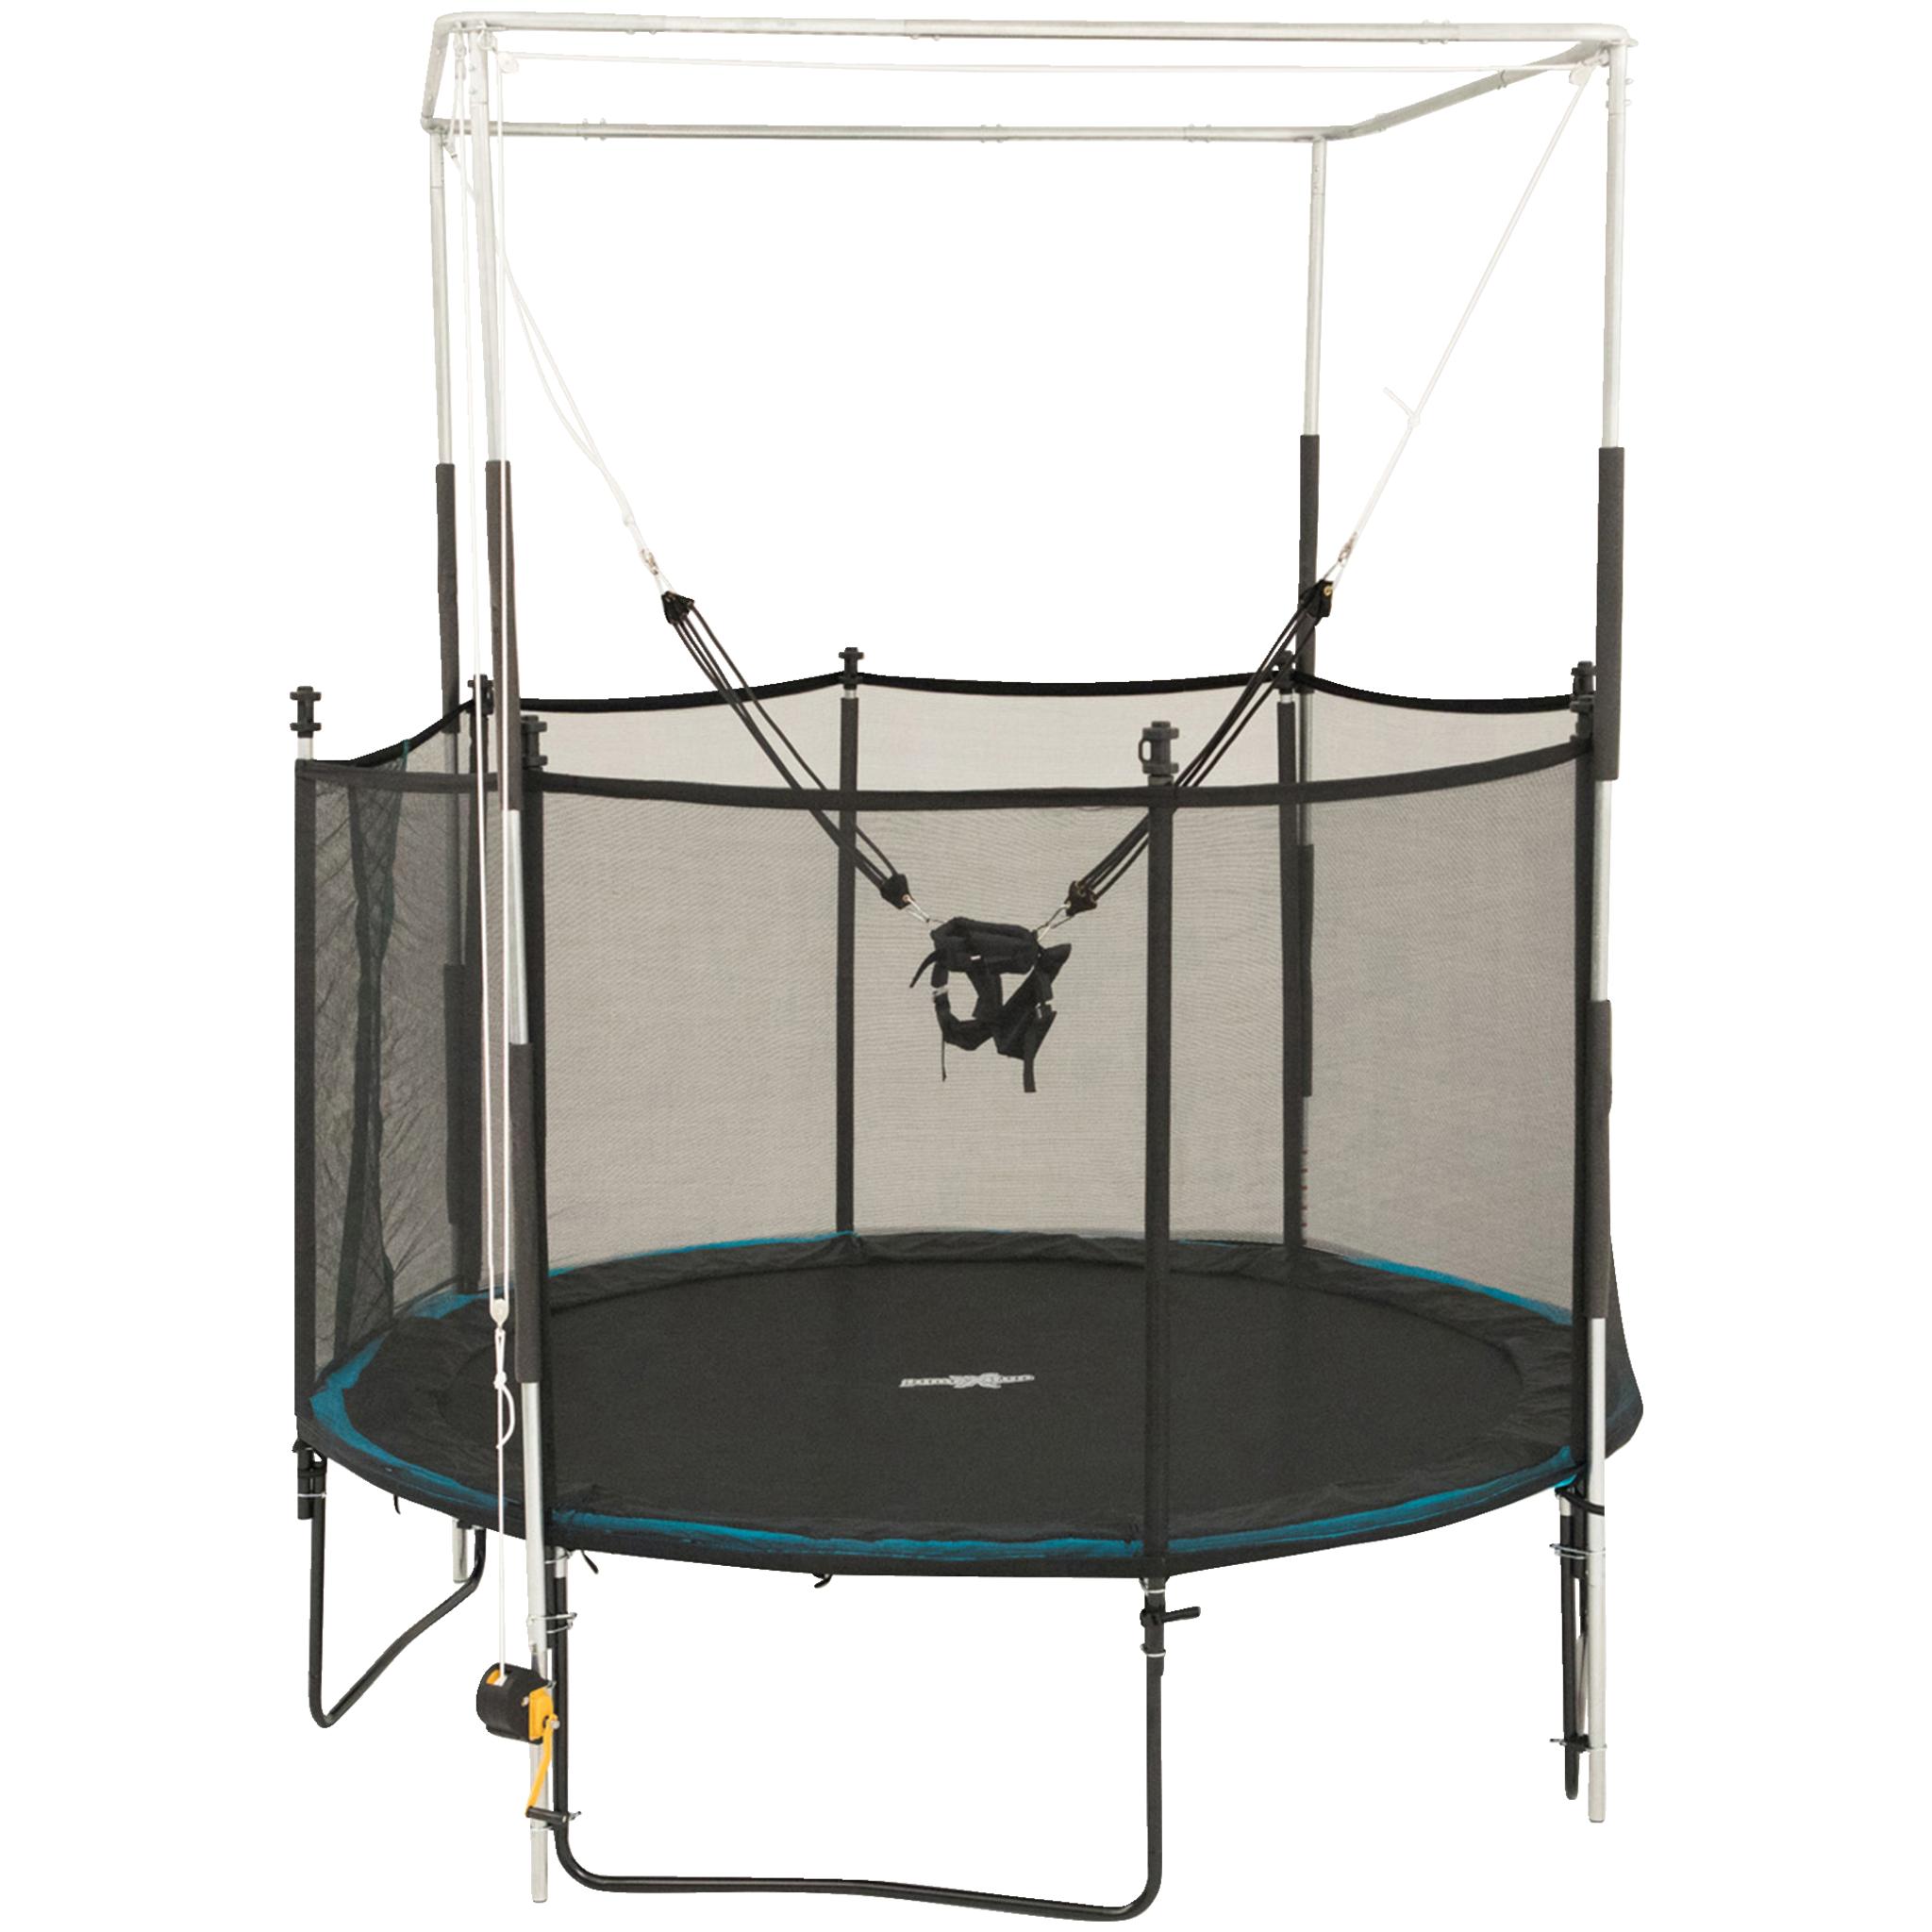 JumpXFun Bungee trampolinesett